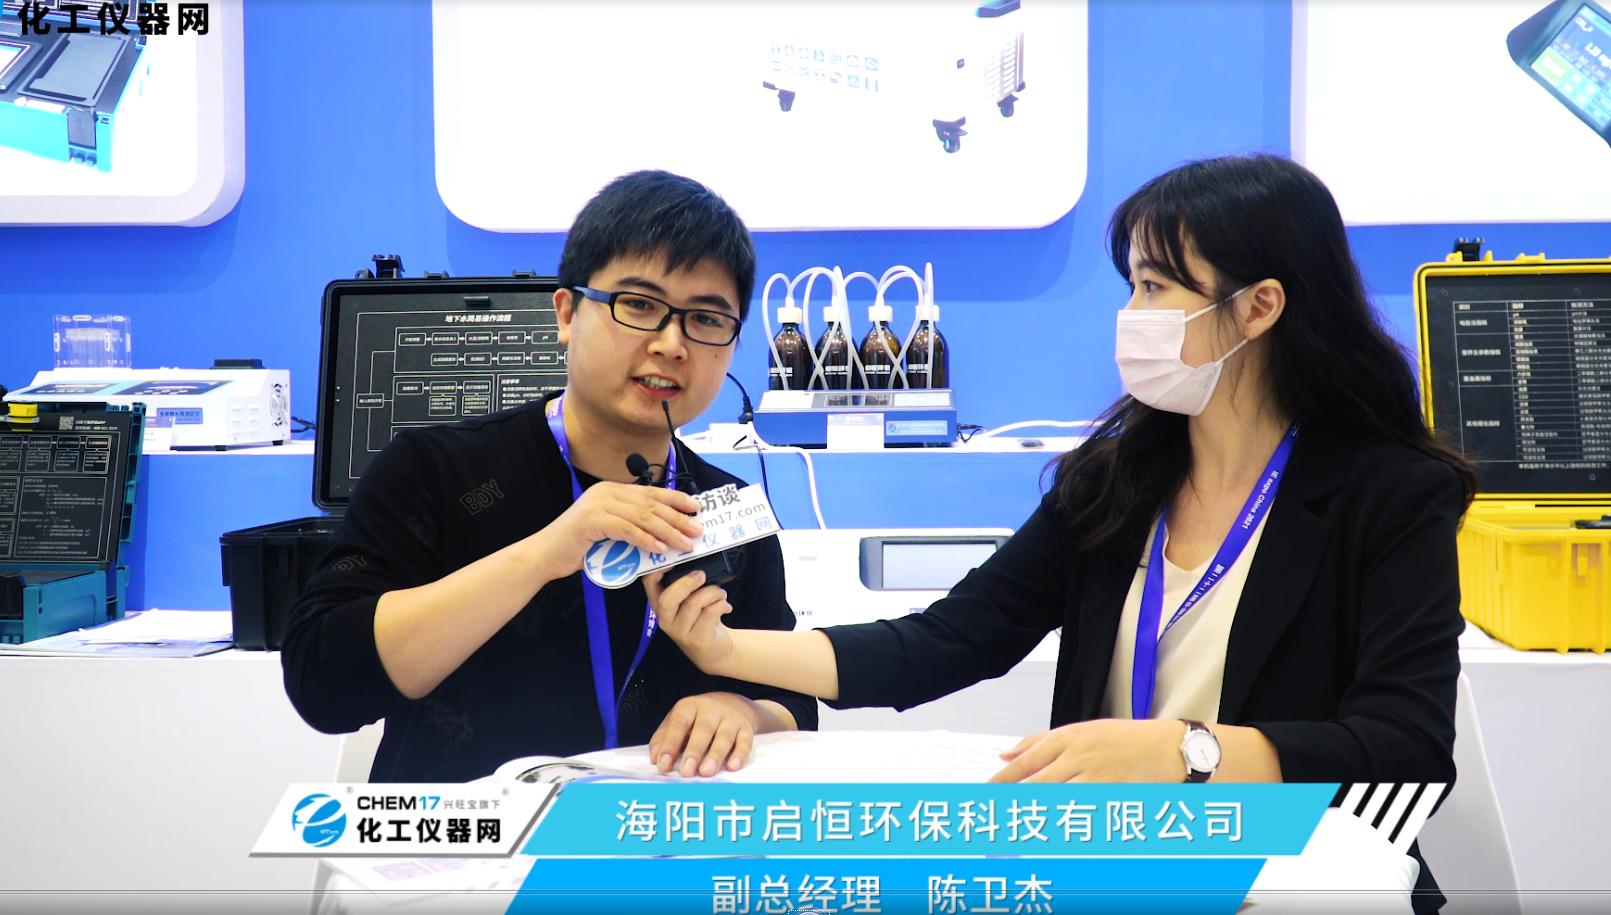 启恒环保盛装亮相第22届中国环博会——访副总经理陈卫杰